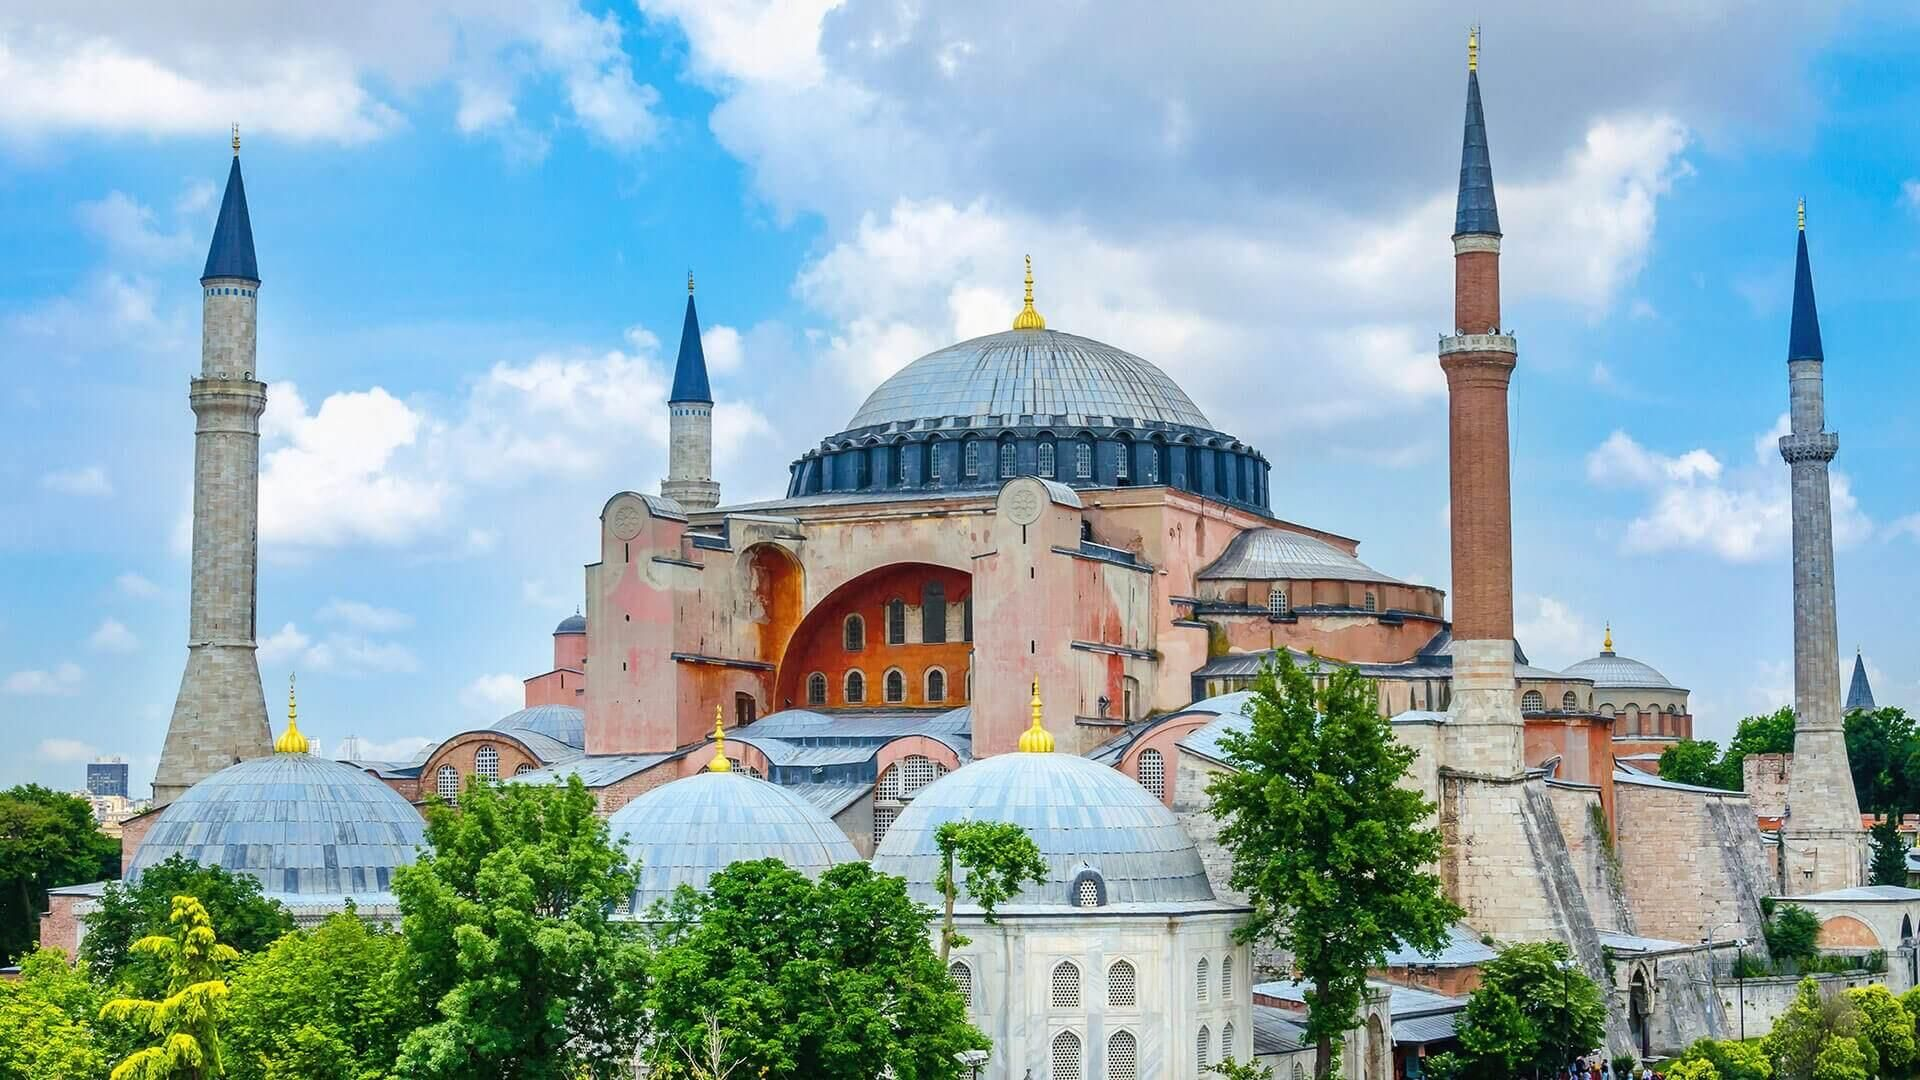 Hagia Sophia, The Great Mosque of AyaSofya